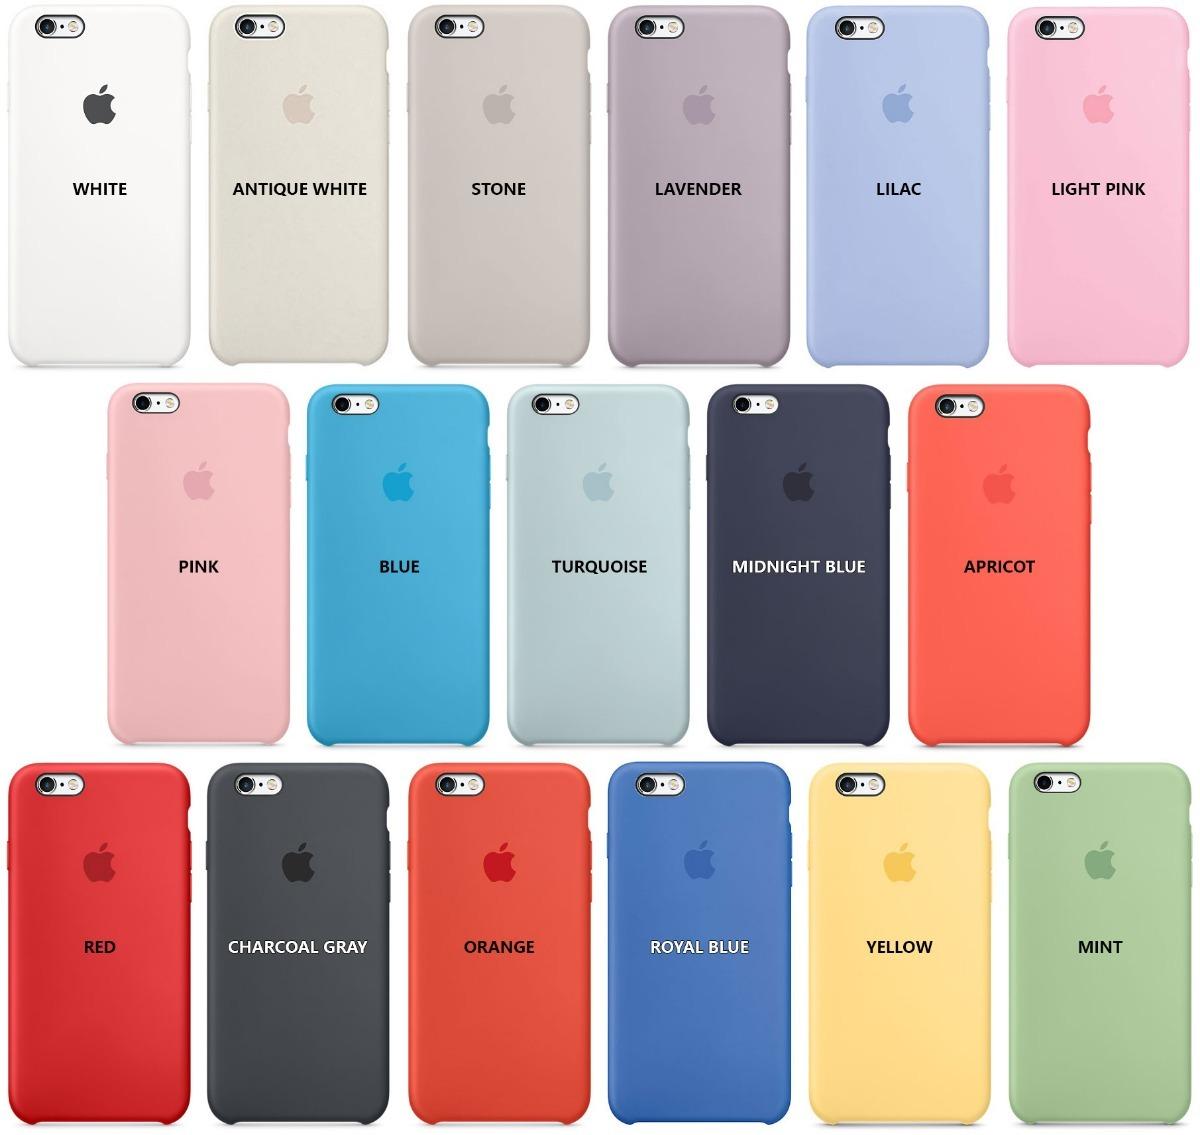 9d54f680172 Funda iPhone 6 6s Apple Original Silicona + Templado - $ 600,00 en ...